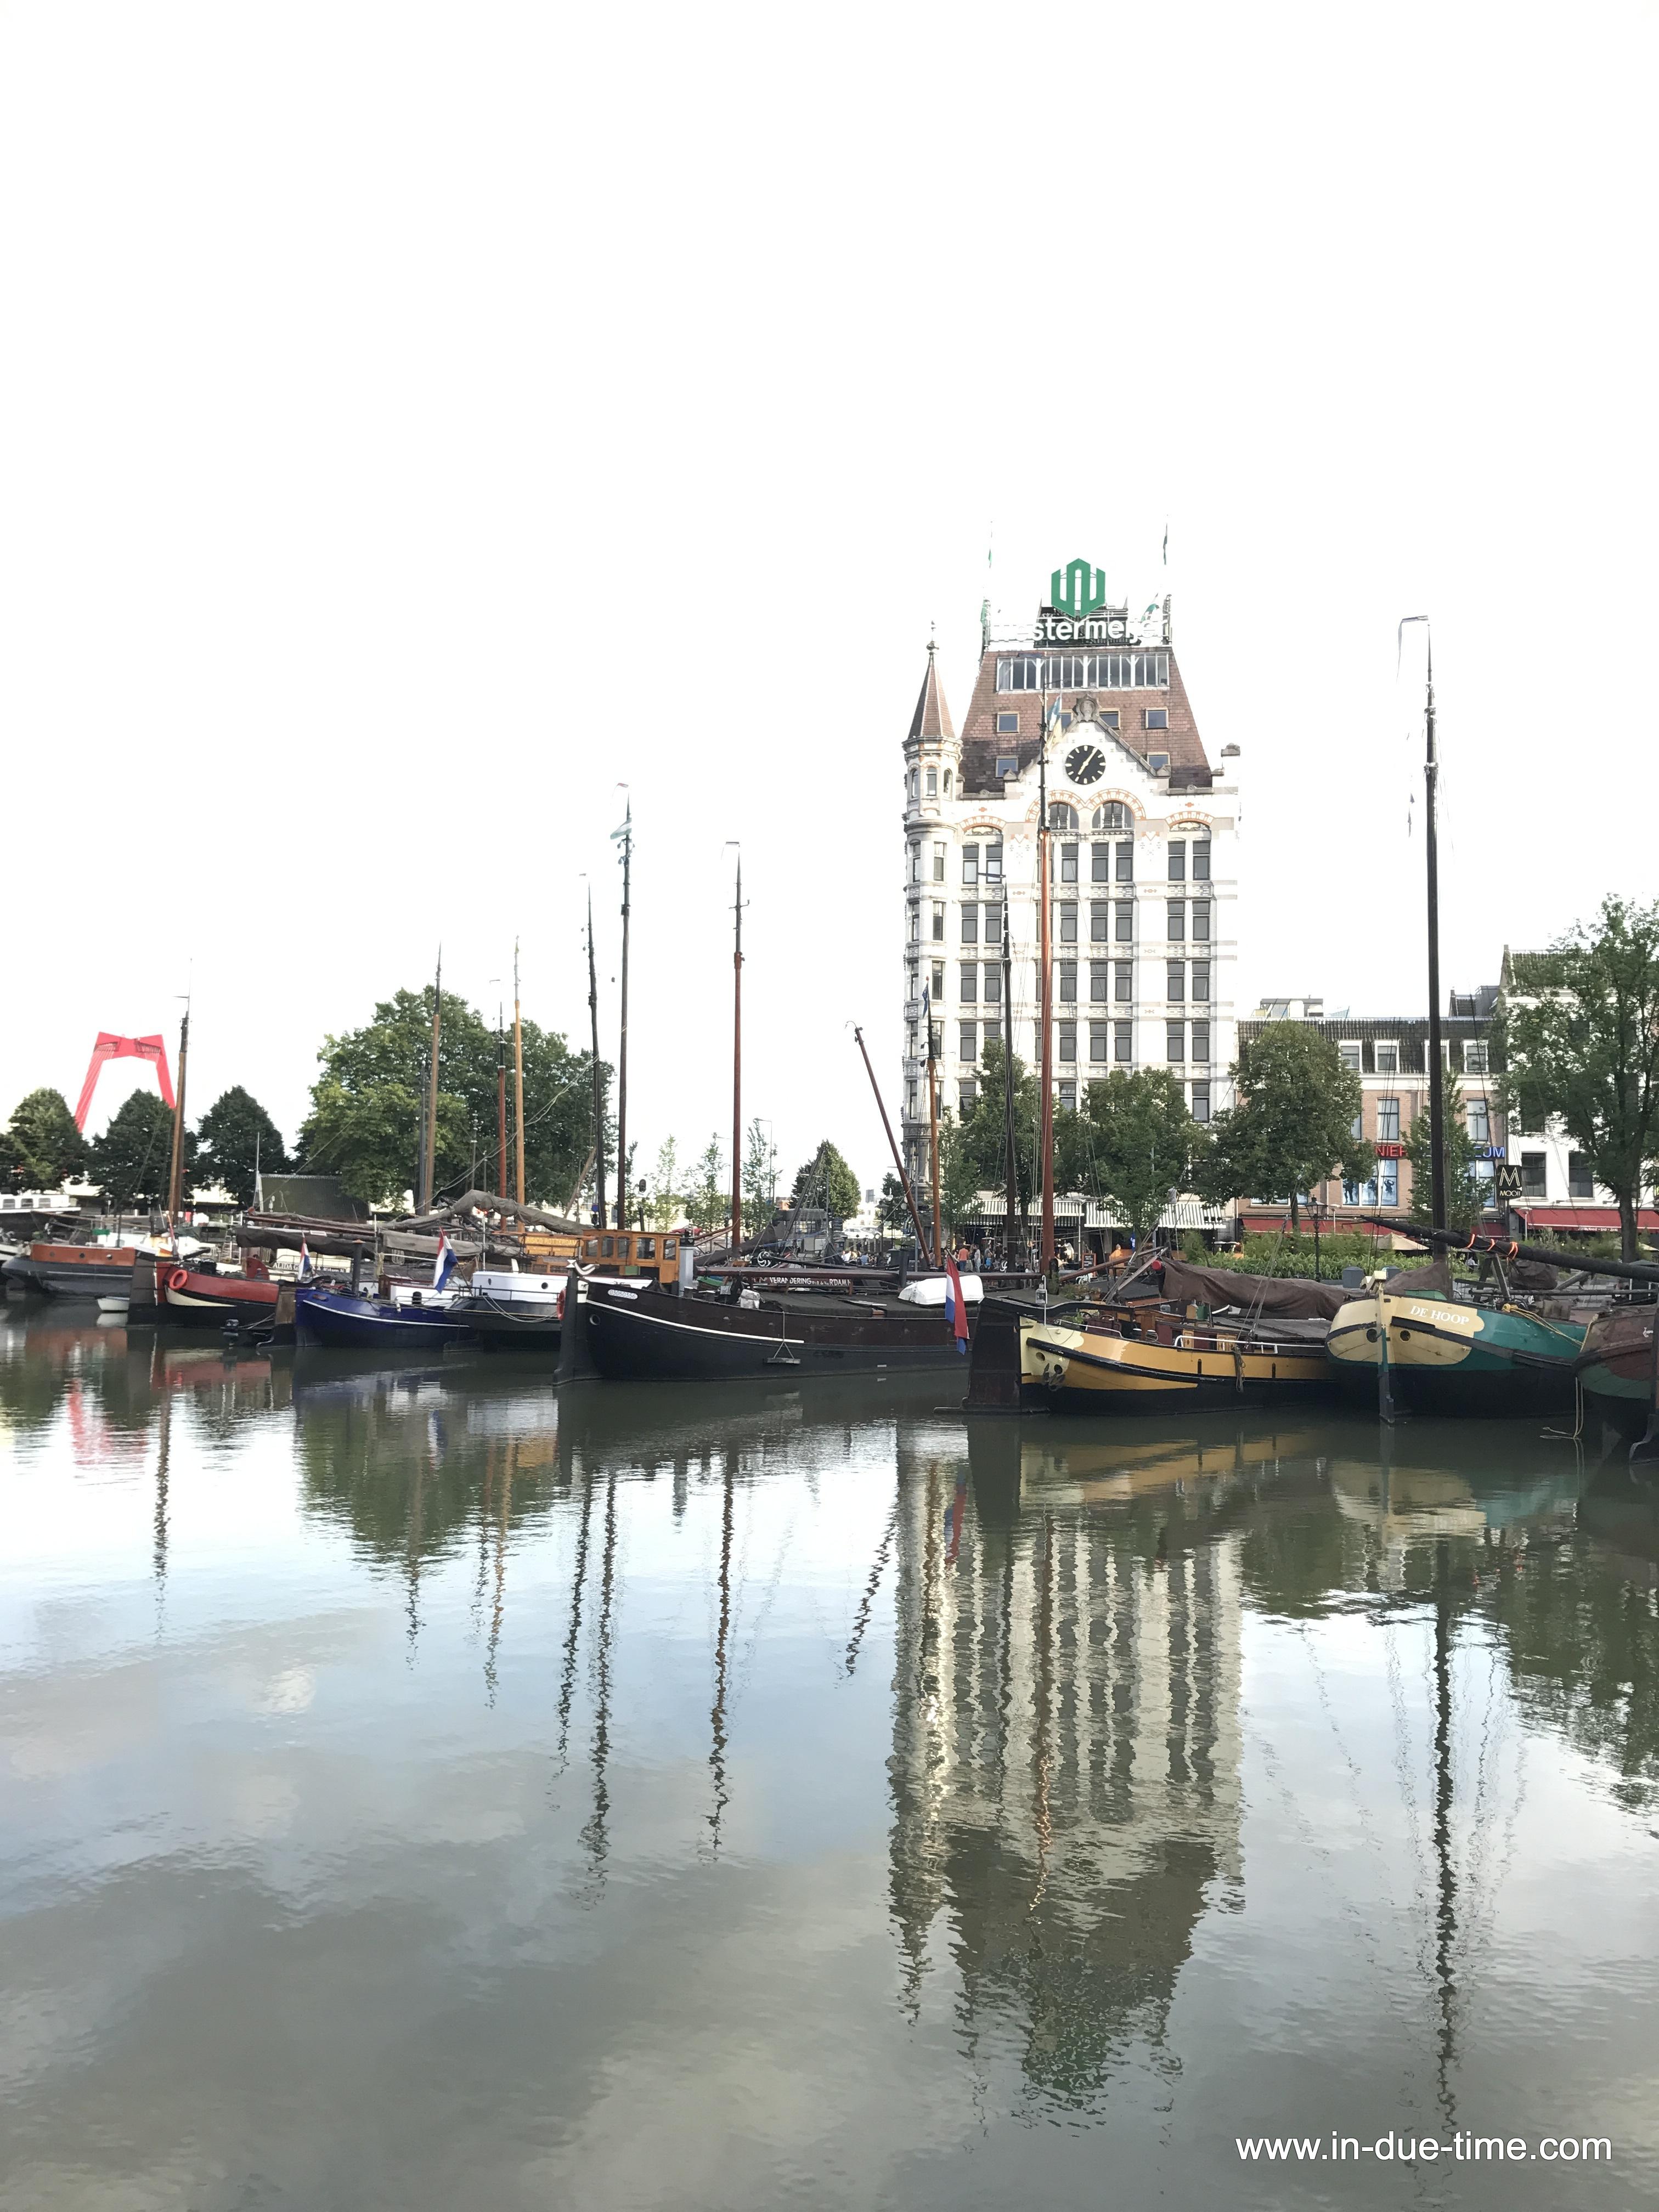 The Netherlands Trip Recap (11)